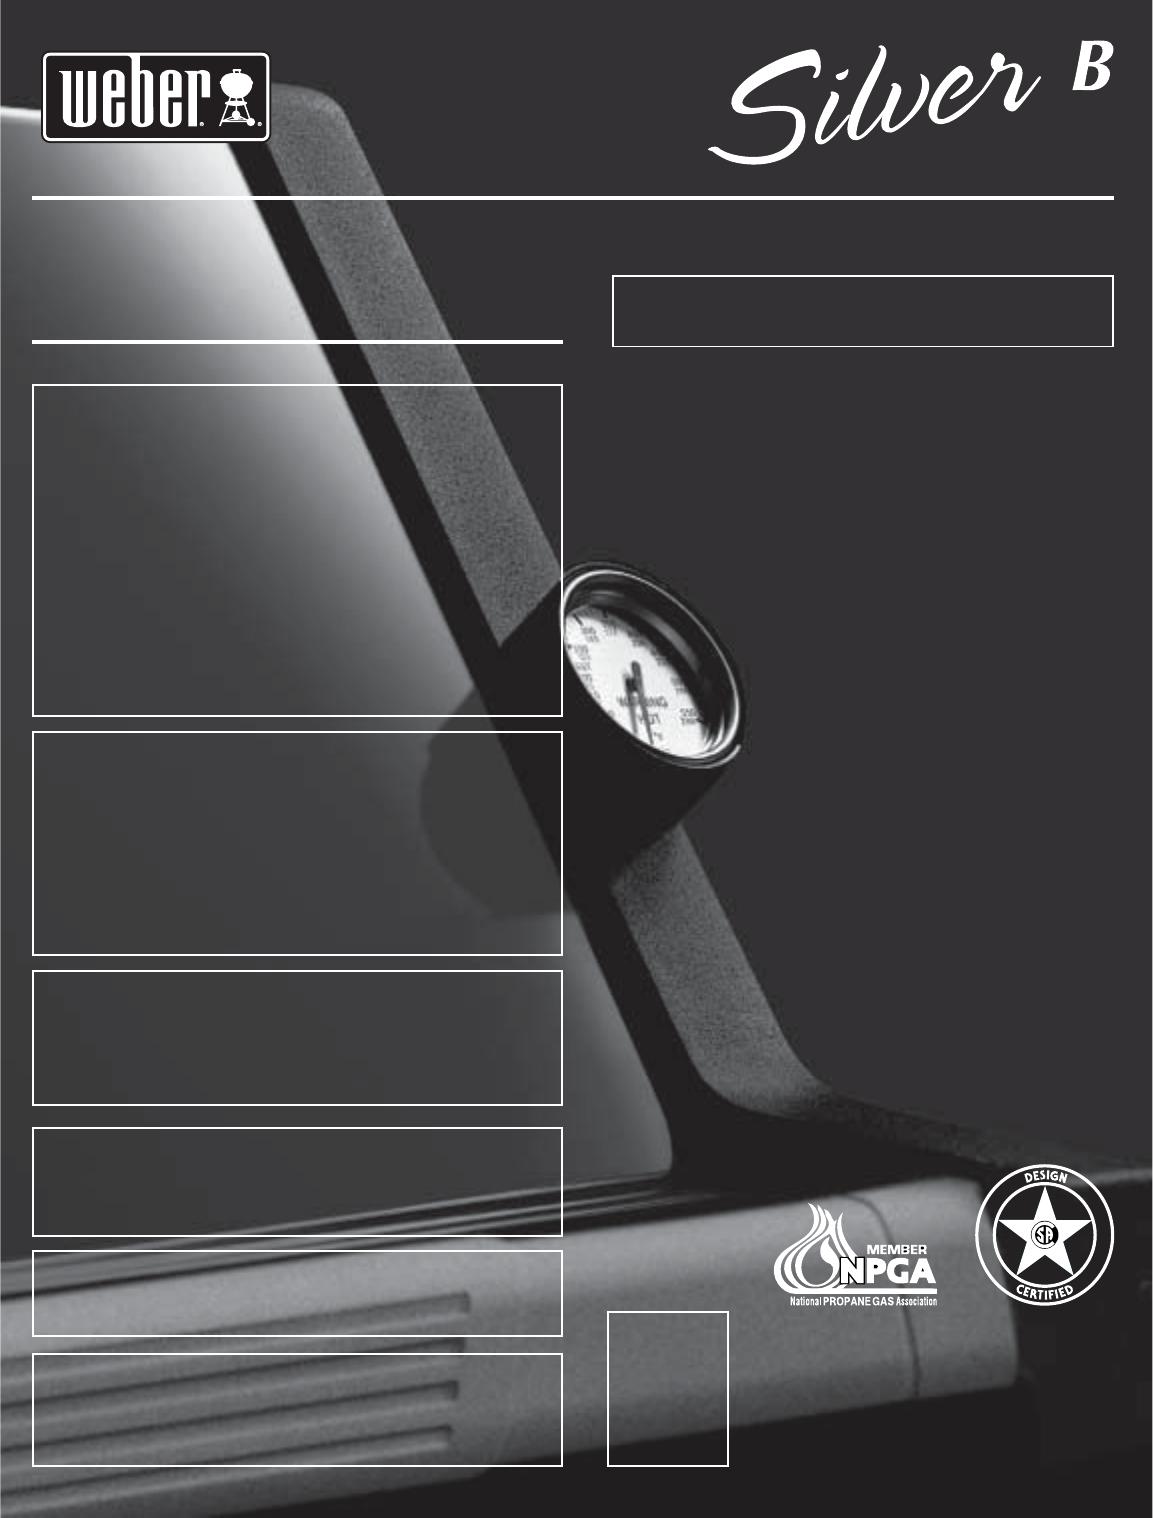 weber gas grill 55276 user guide. Black Bedroom Furniture Sets. Home Design Ideas